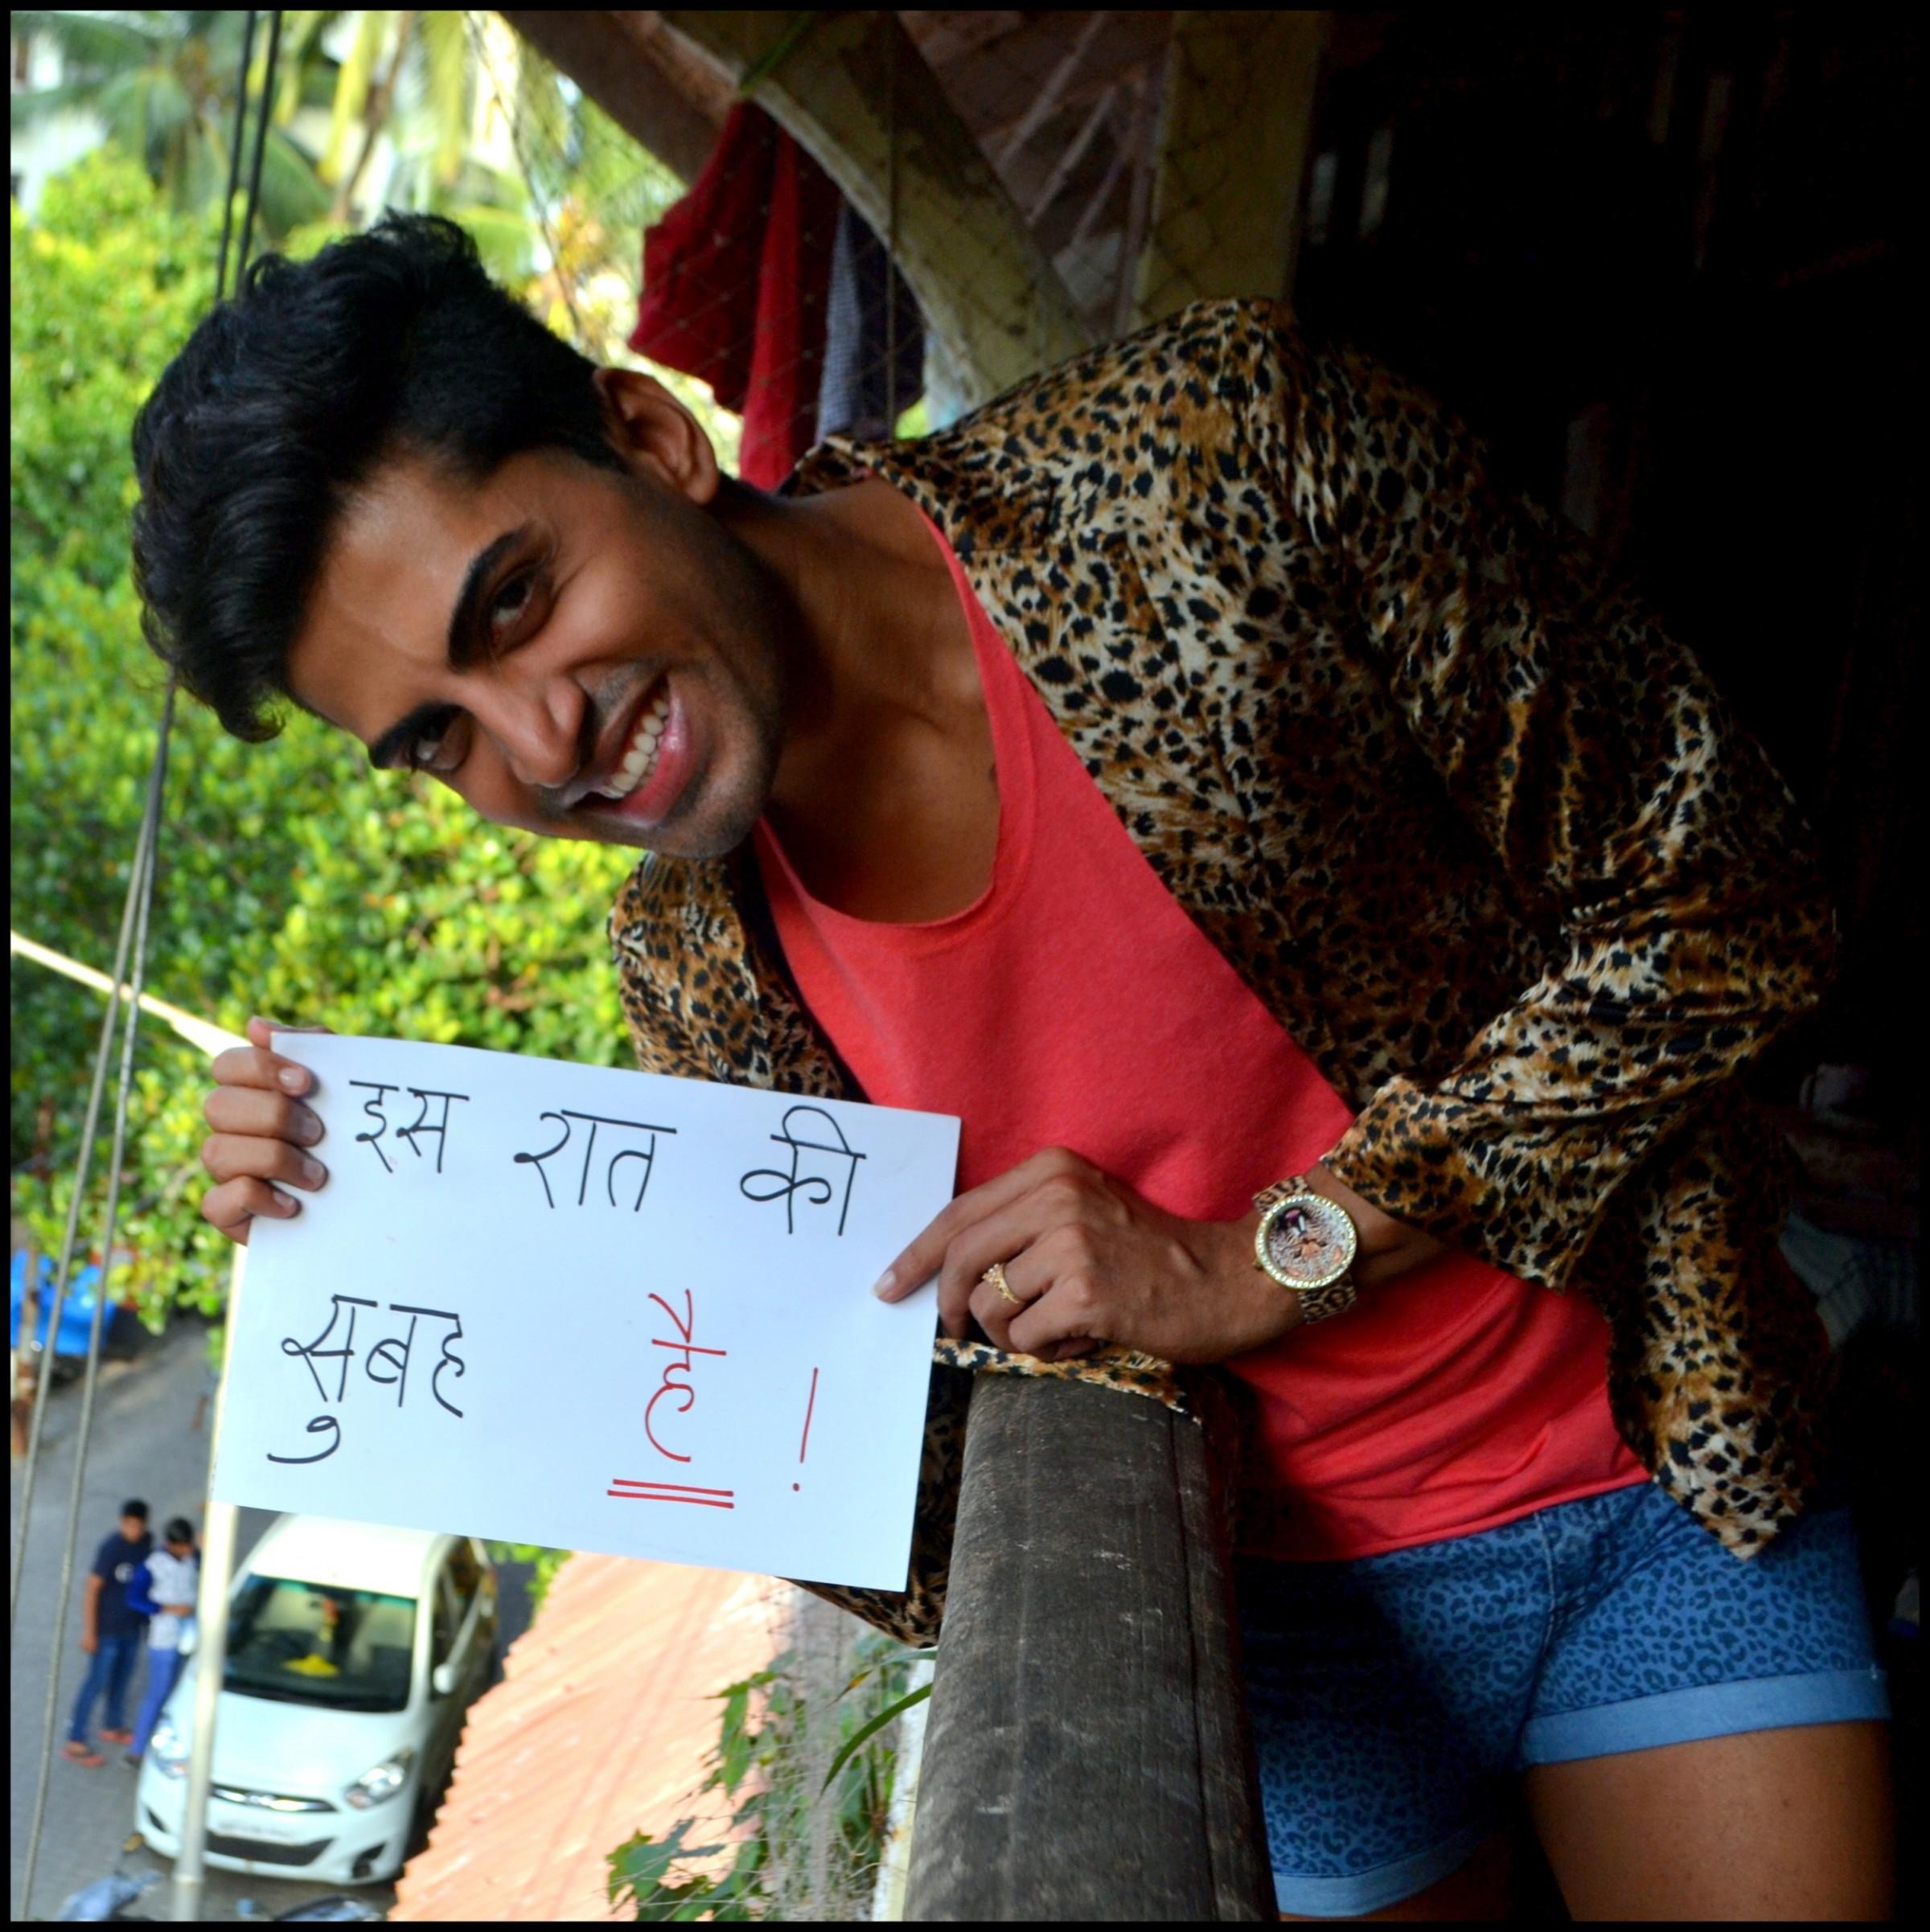 सुशांत दिवगीकर, मिस्टर गे इंडिया २०१४। तस्वीर: सचिन जैन।